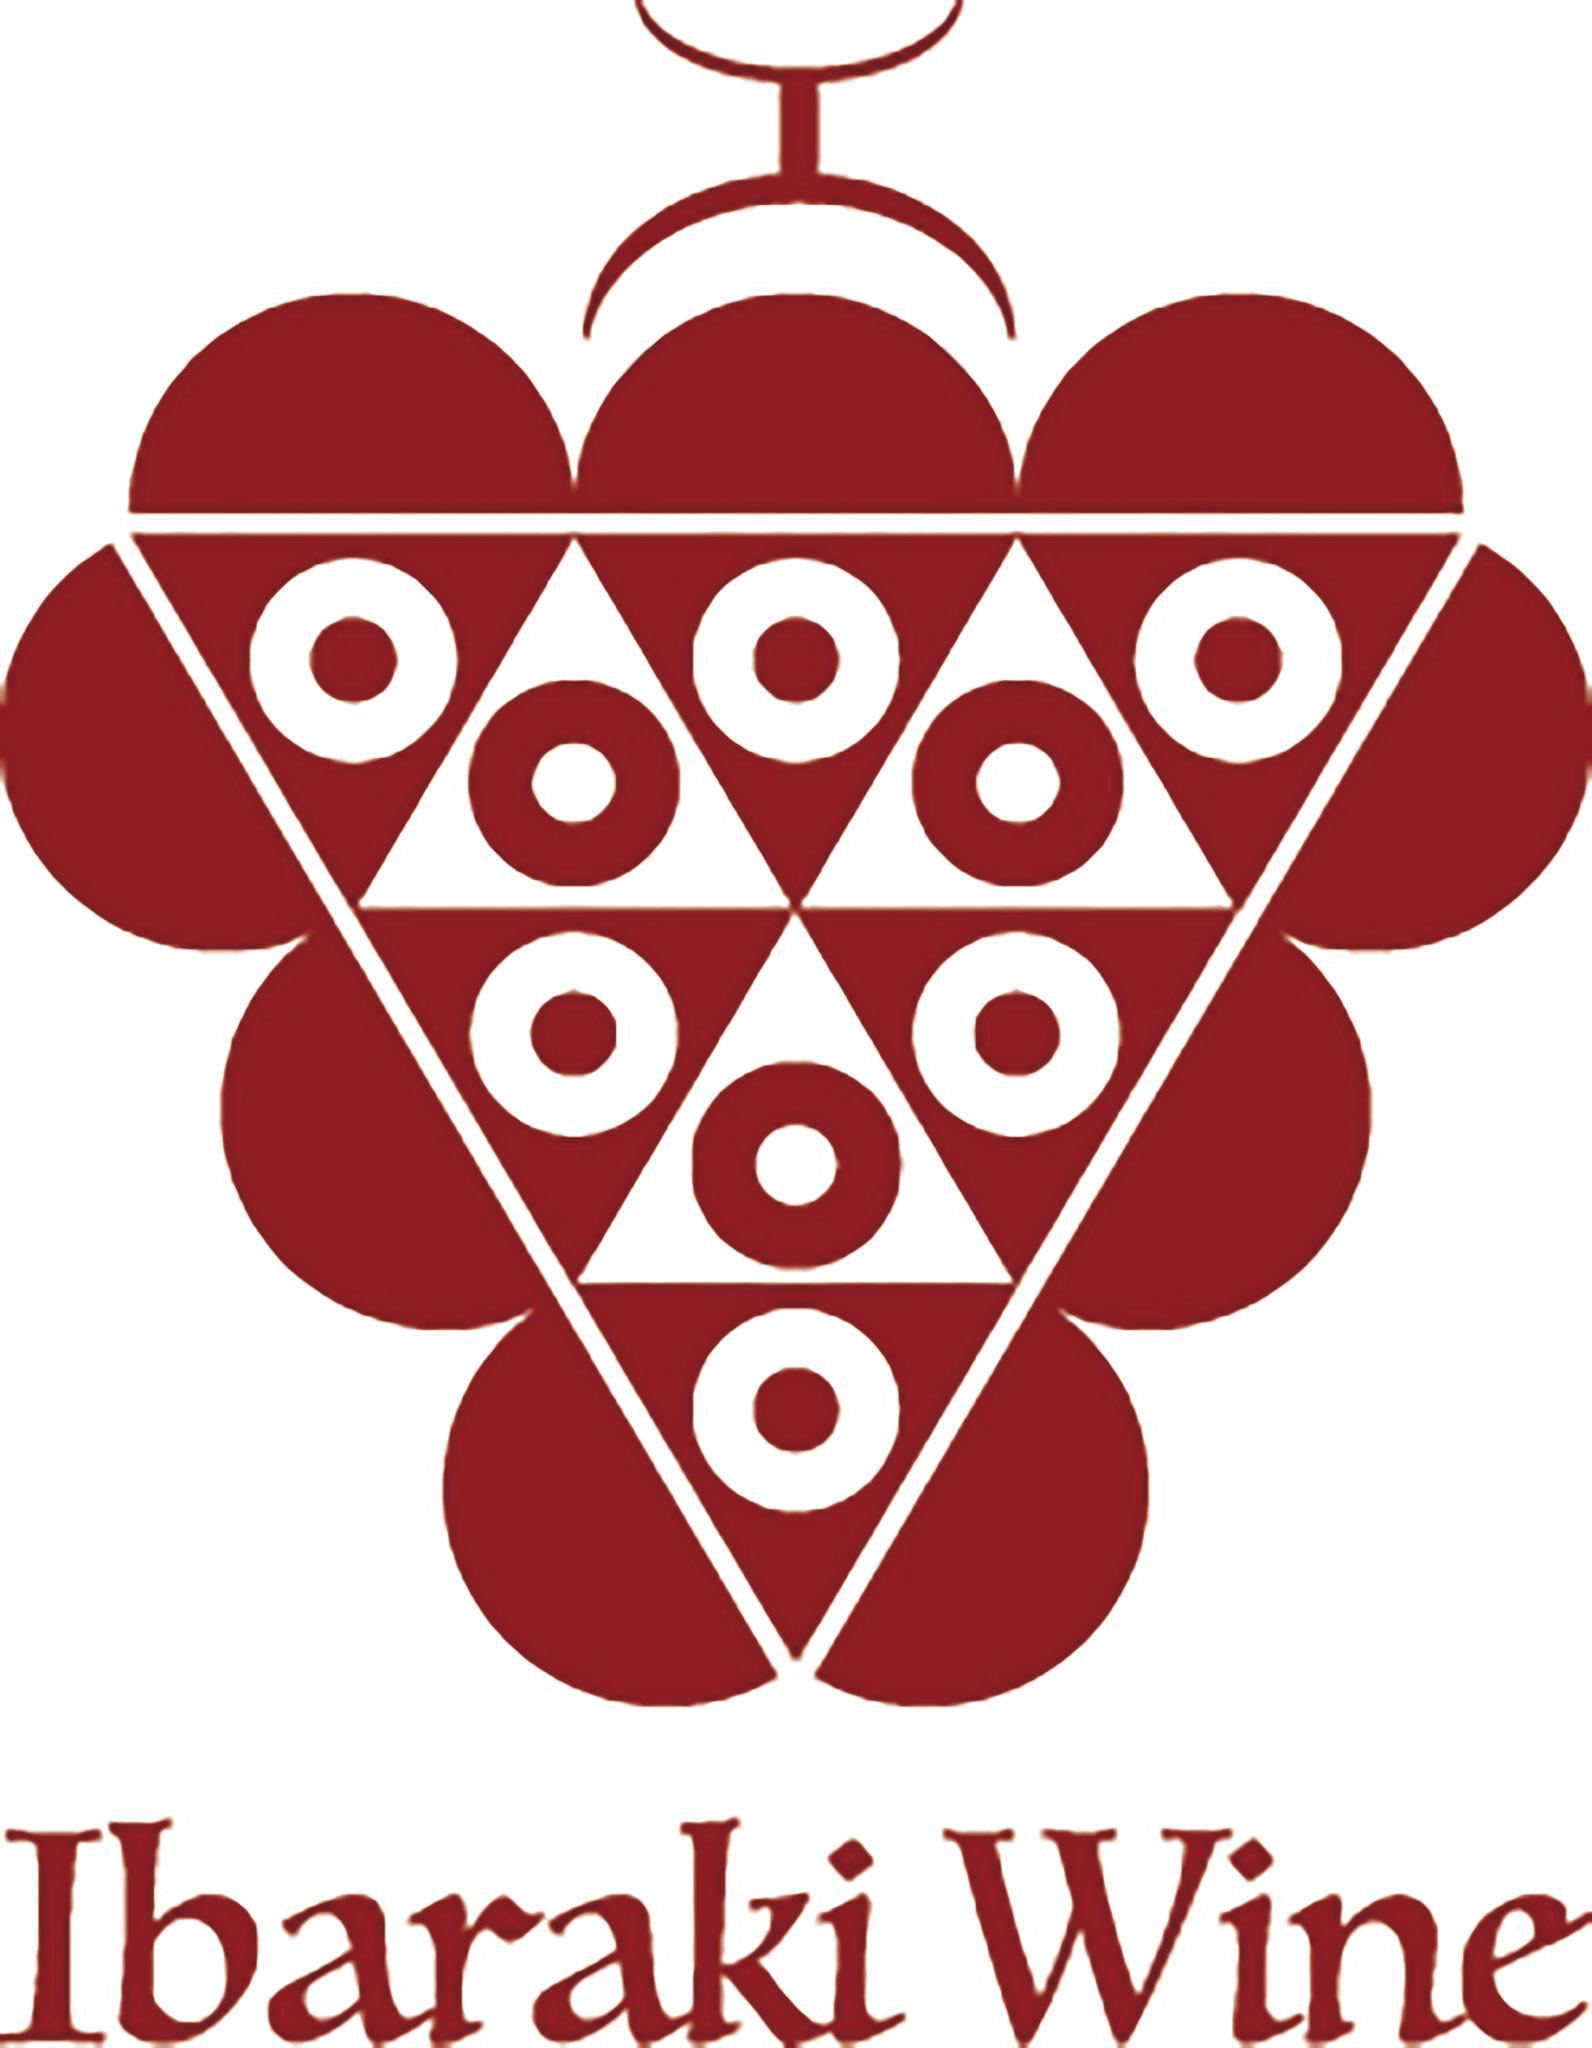 いばらきワイン産業連絡協議会 さま ロゴマーク